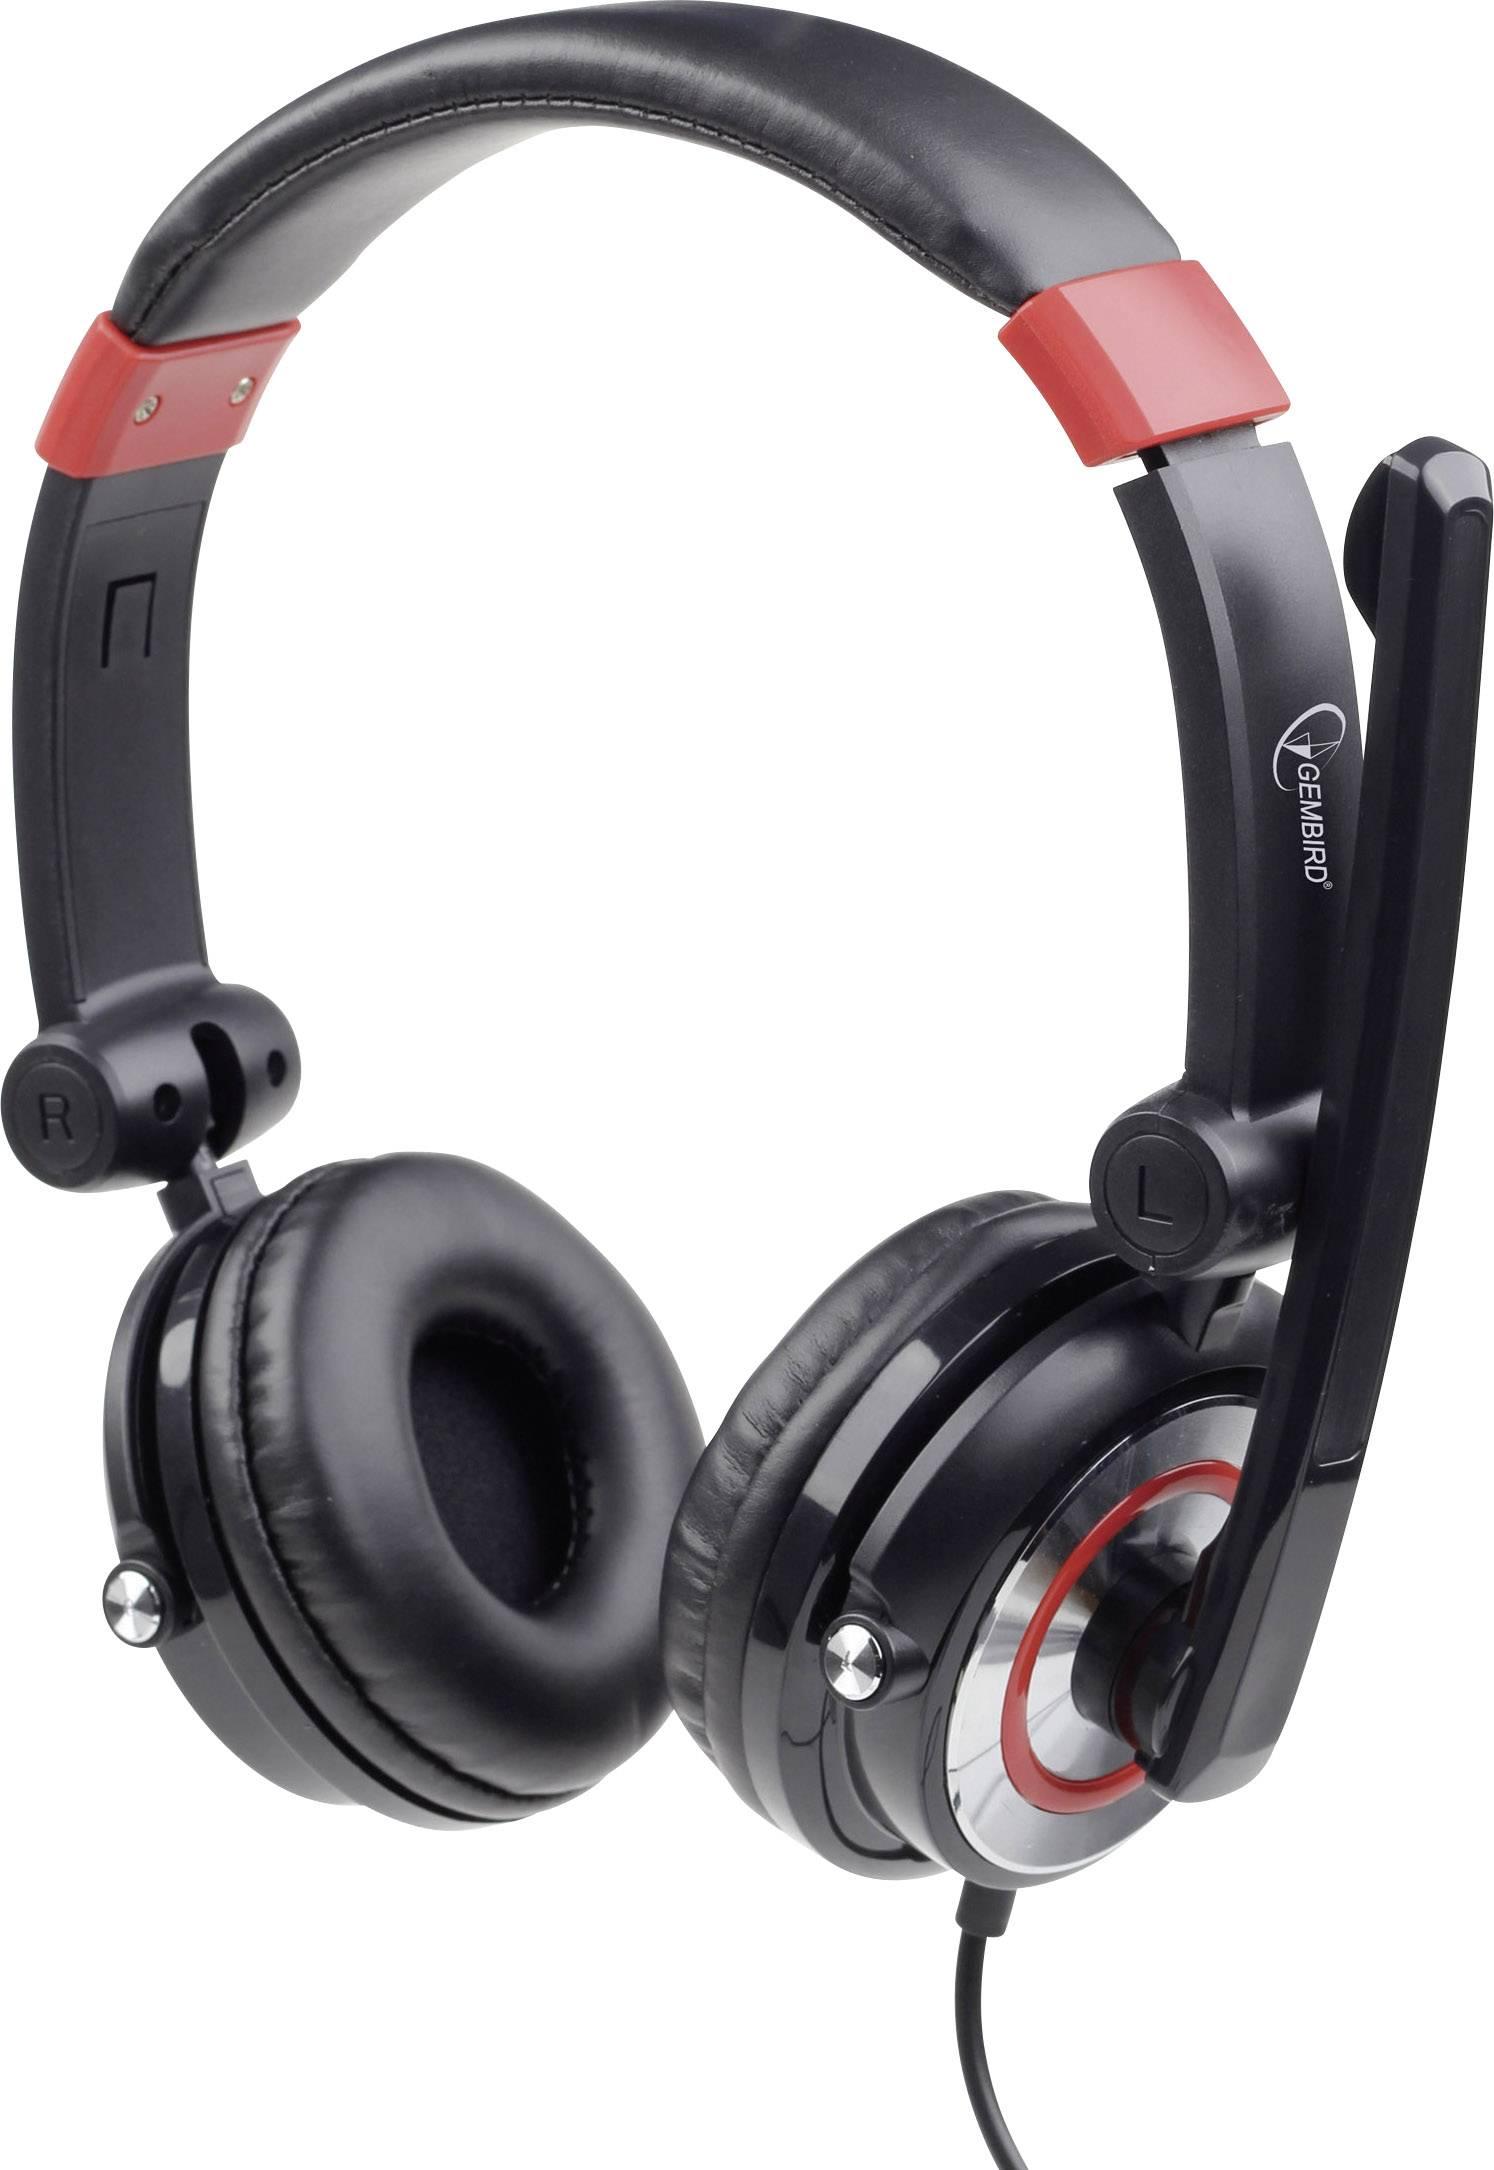 Headset k PC USB na kabel Gembird MHS-5.1-001 přes uši černá/červená